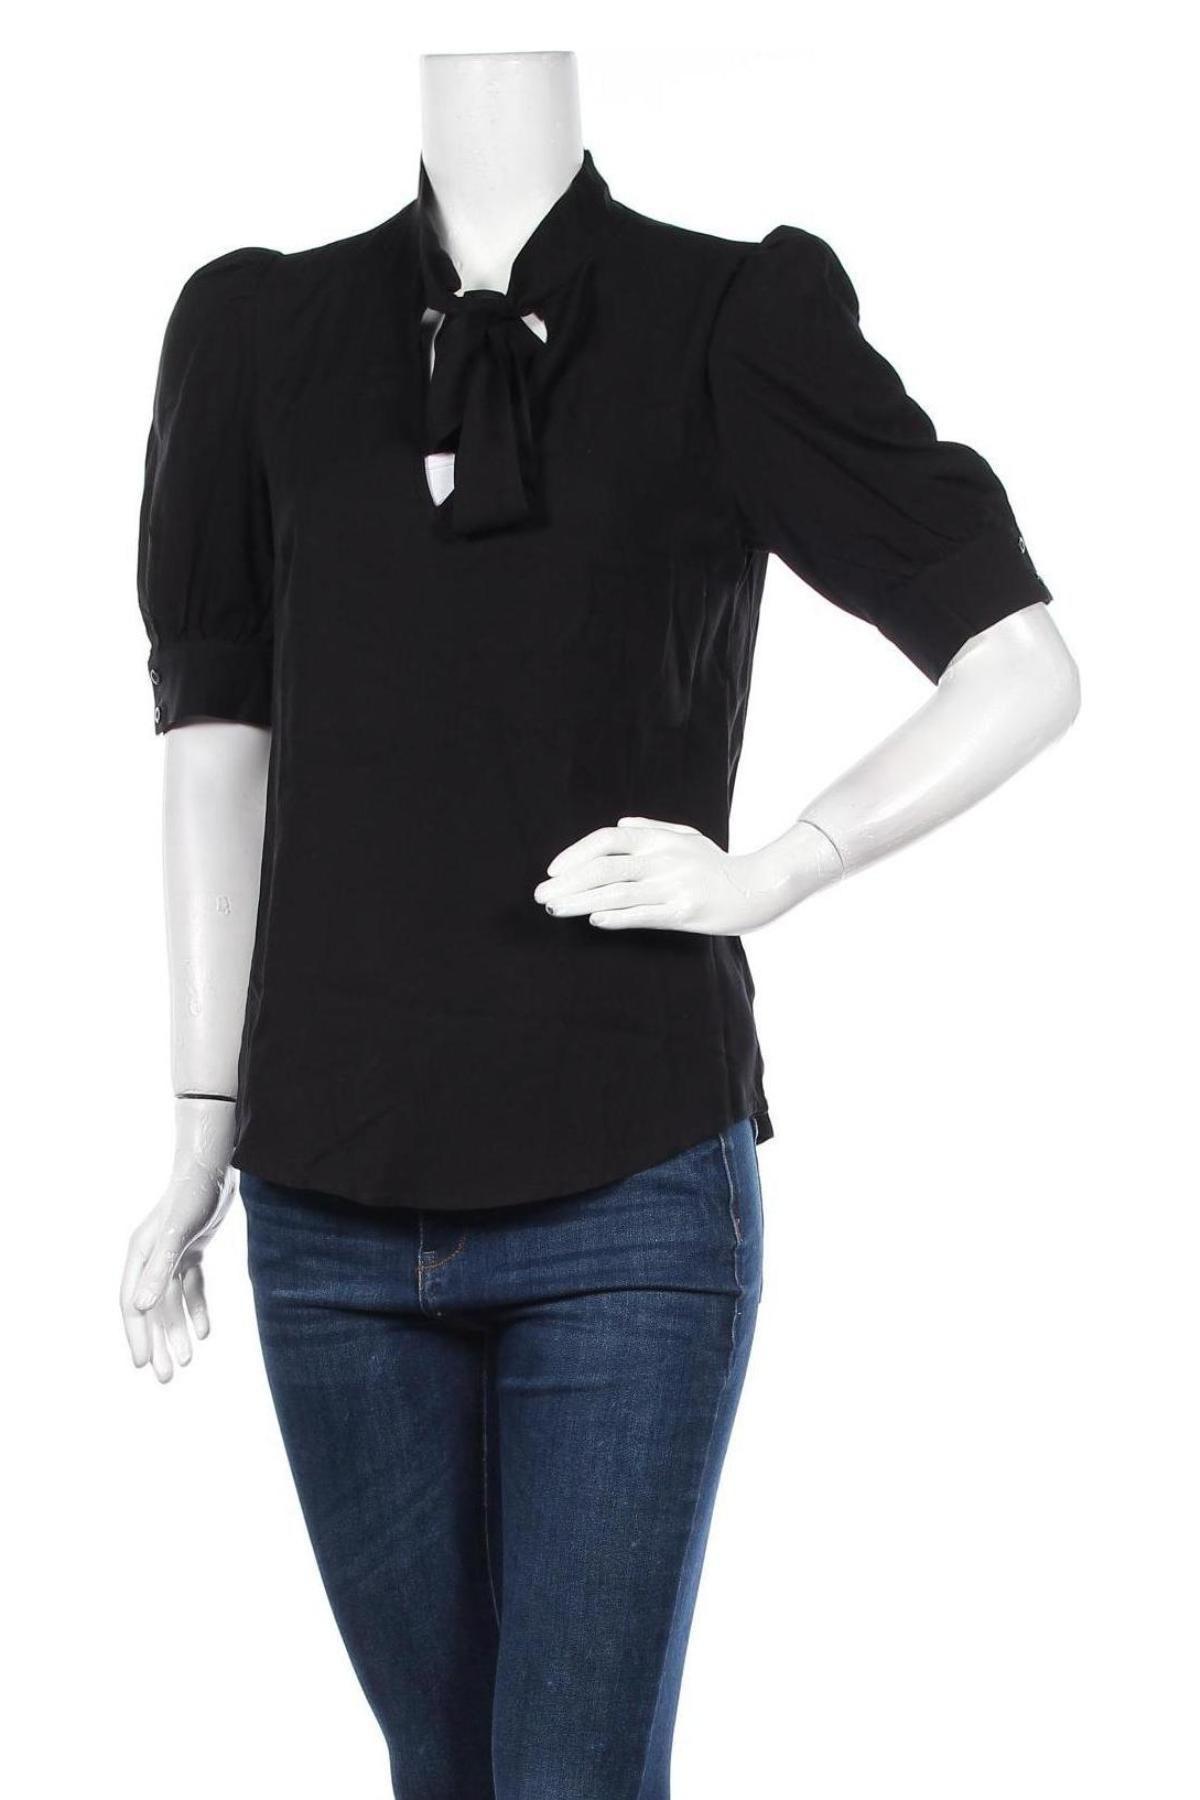 Γυναικεία μπλούζα Nife, Μέγεθος S, Χρώμα Μαύρο, Βισκόζη, Τιμή 10,21€